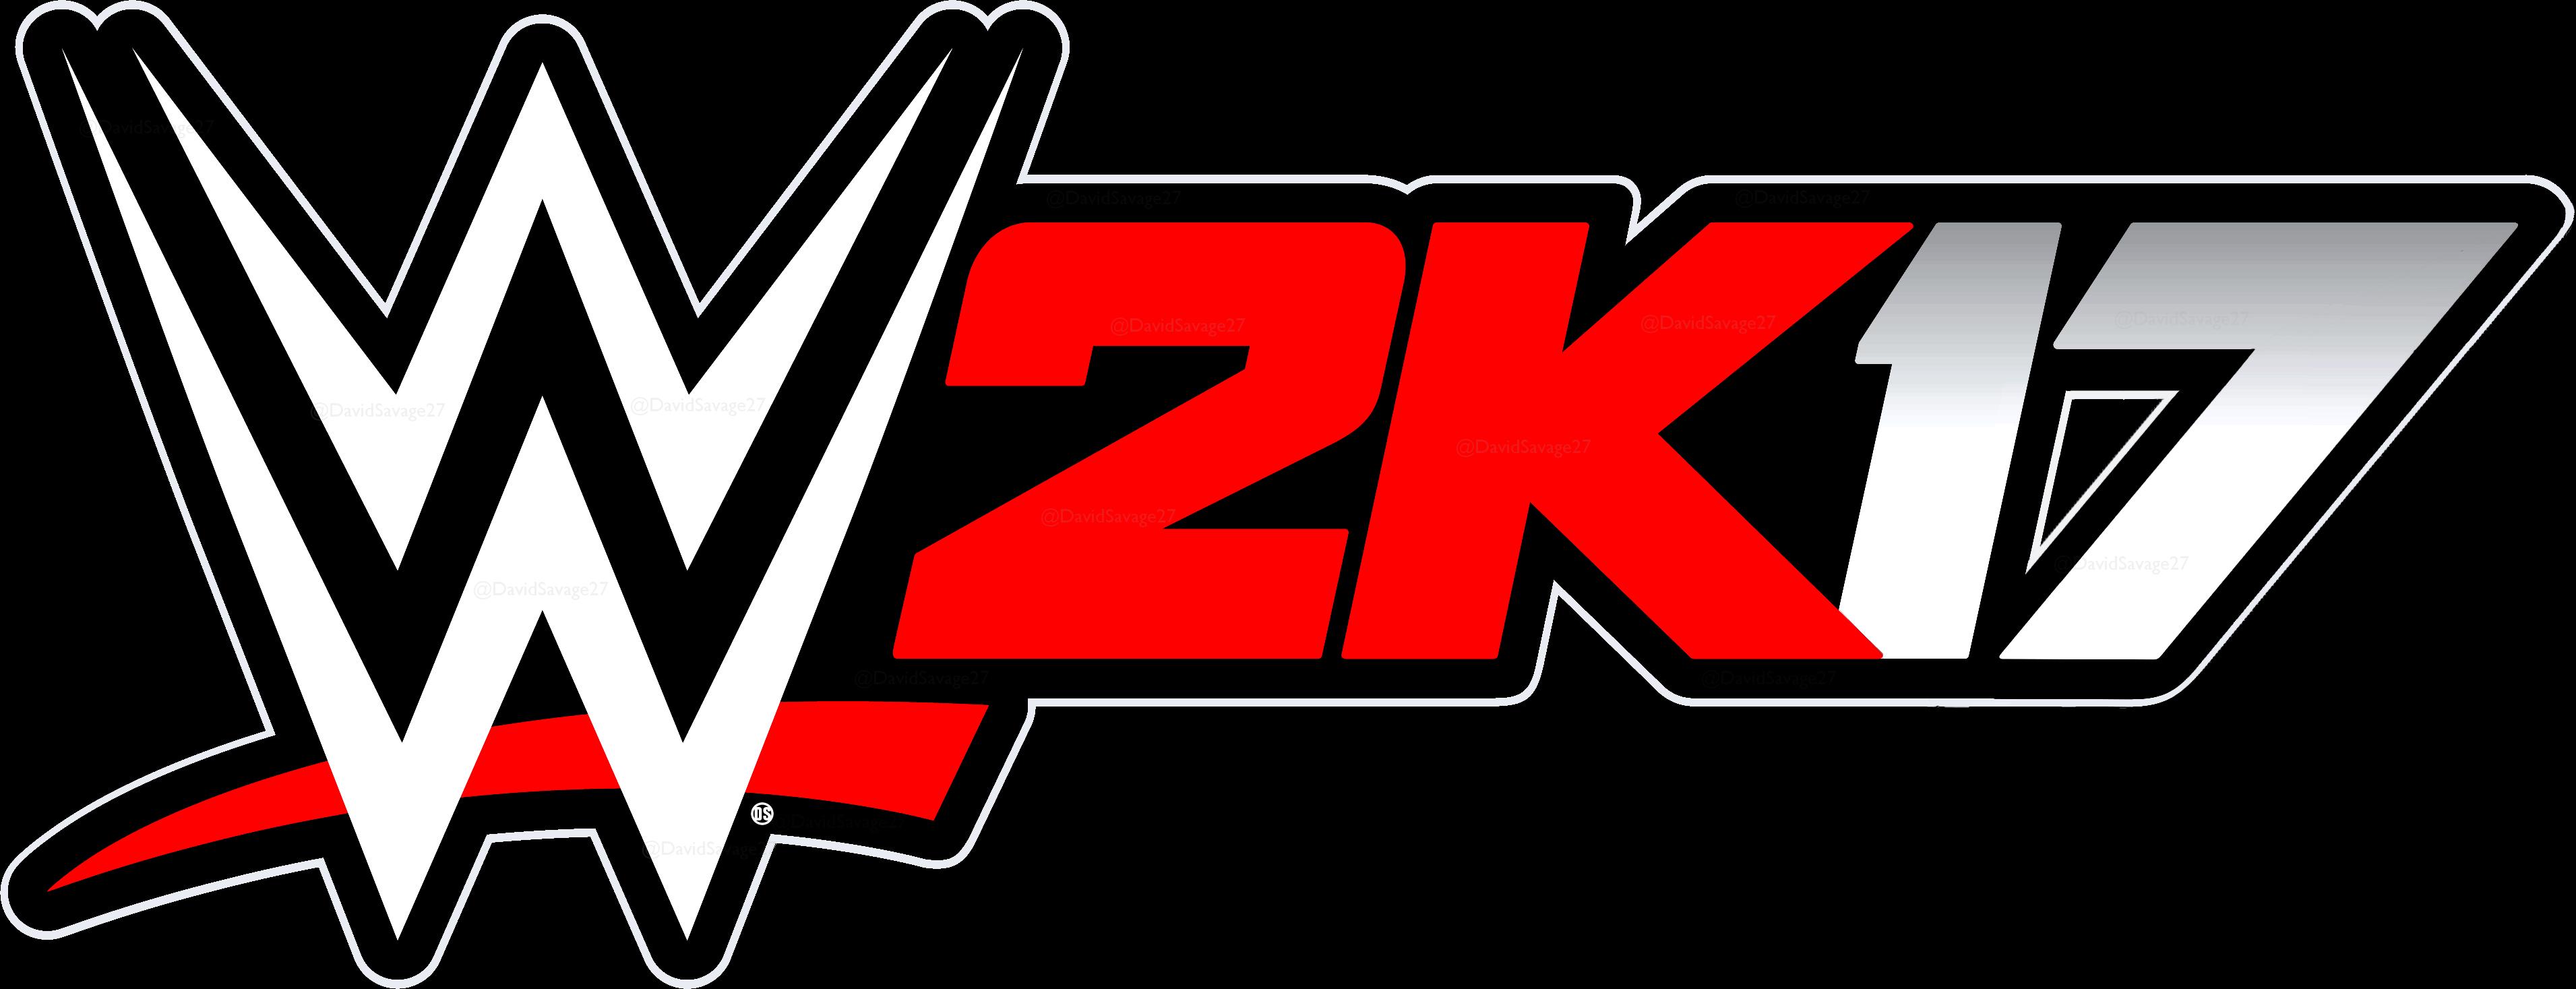 Wwe 2k17 Logos.